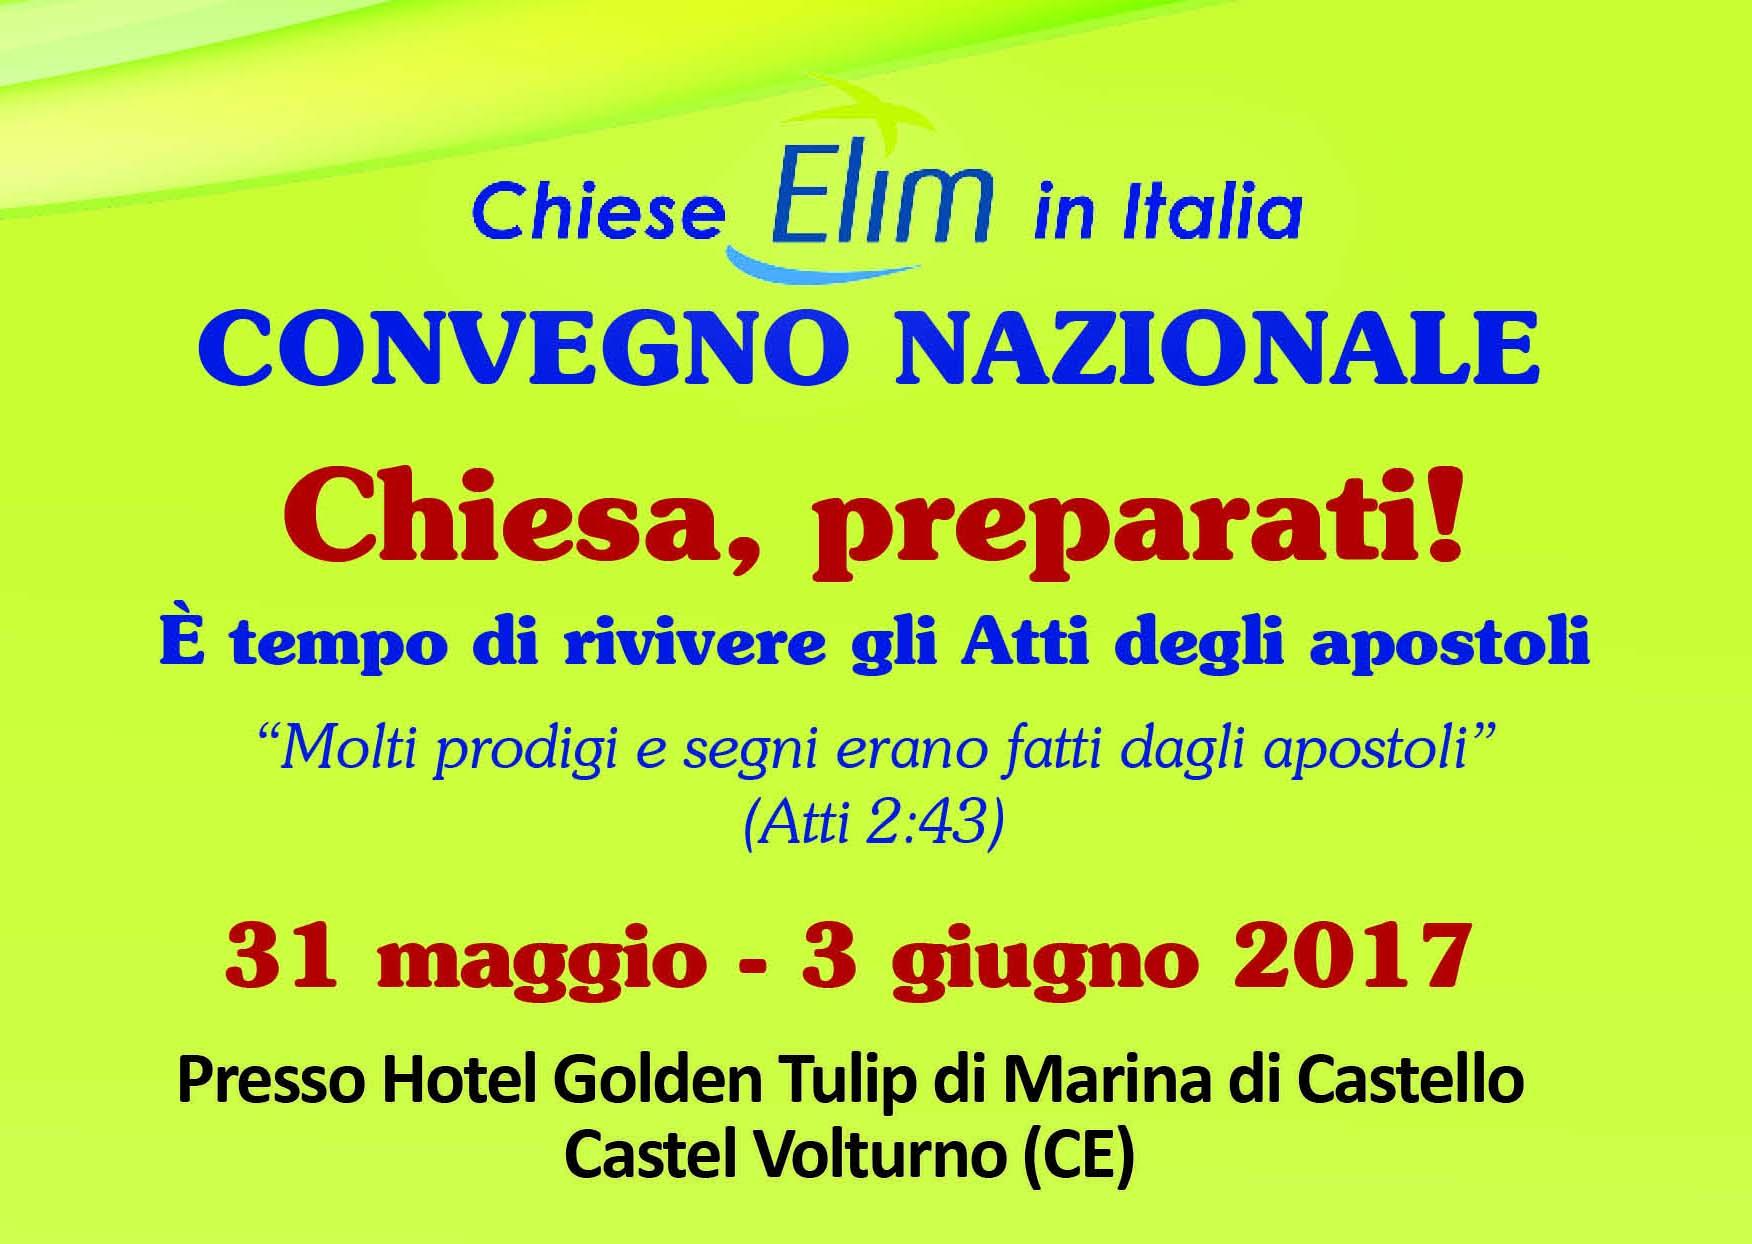 Prossimo Convegno Nazionale 31 maggio-3 giugno 2017 a Castel Volturno (CE)